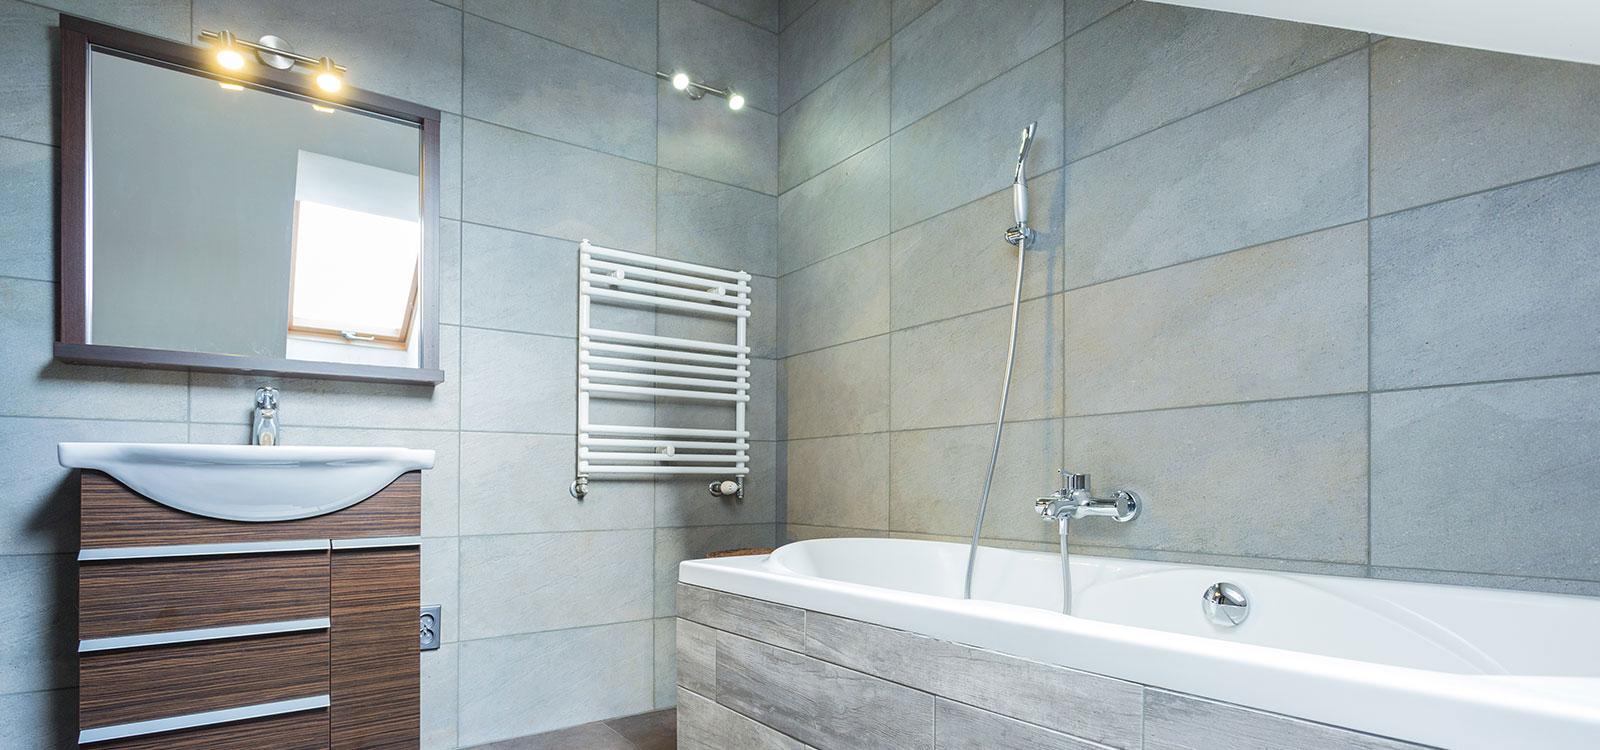 chauffage plomberie et salle de bains lisieux